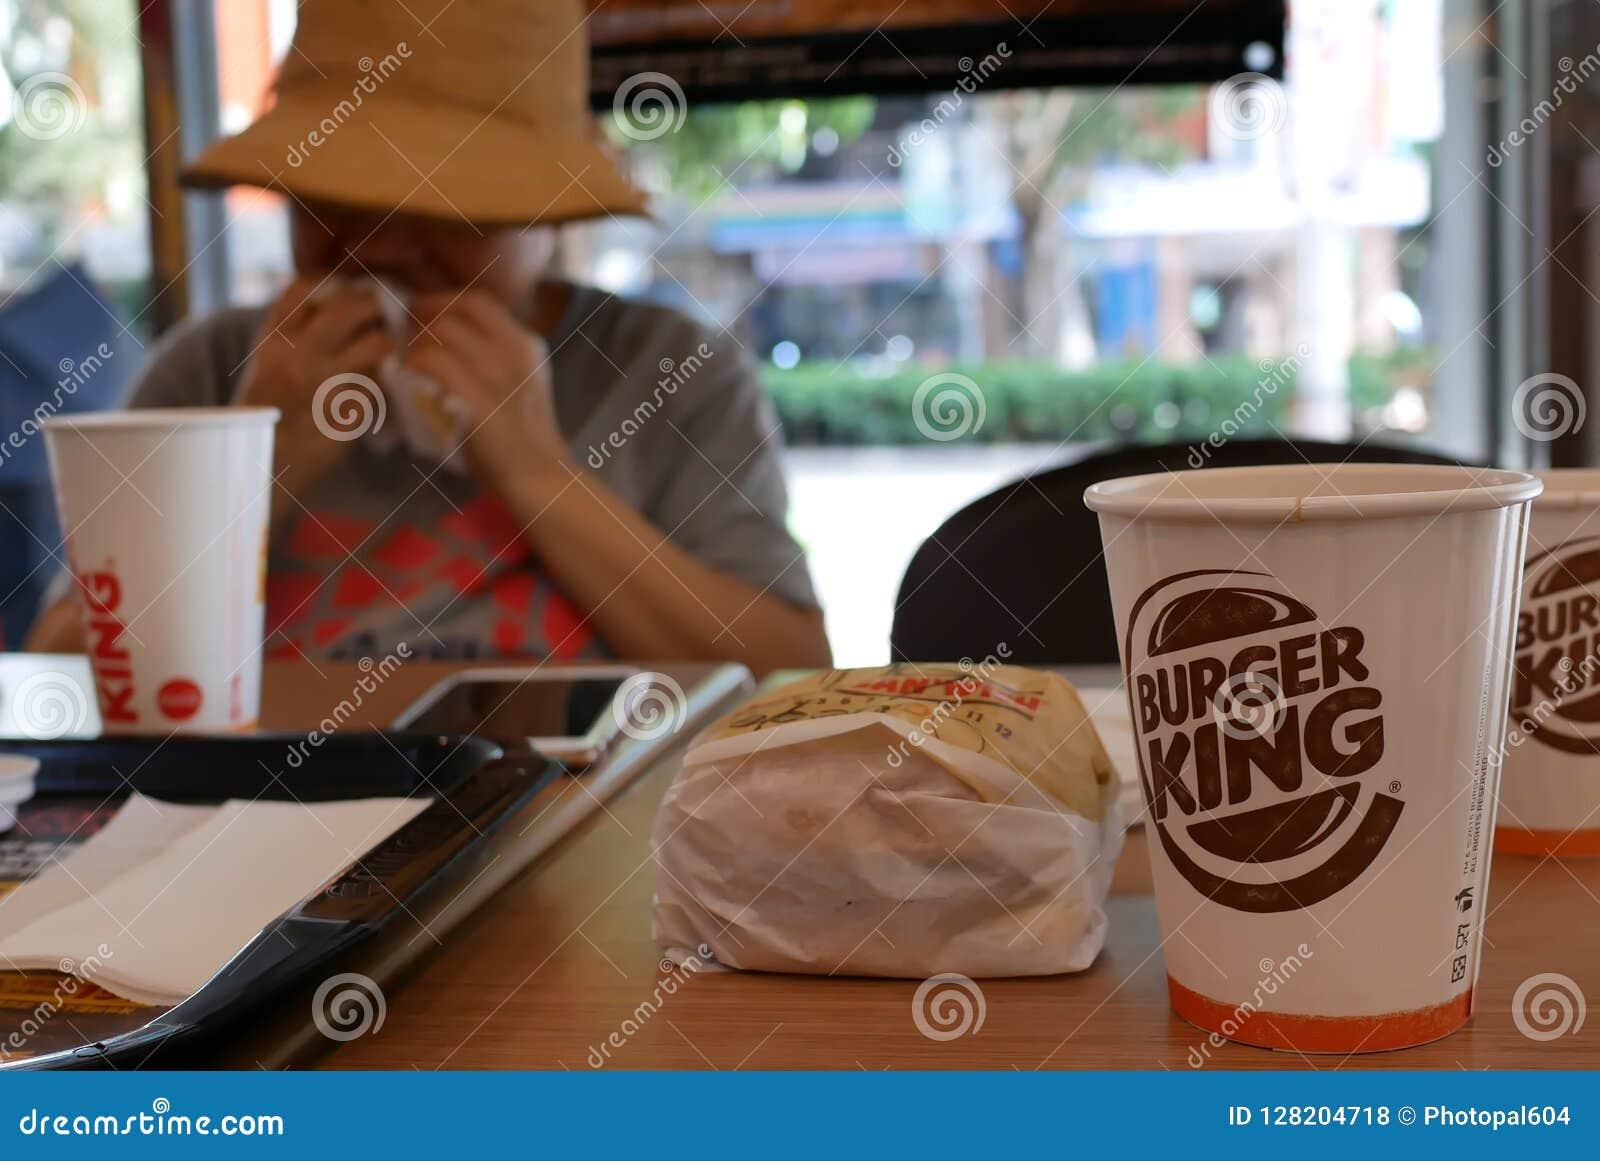 Verwischen Sie die Bewegung der Frau Burger essend und heißen Kaffee an Burger King-Schnellrestaurant trinkend